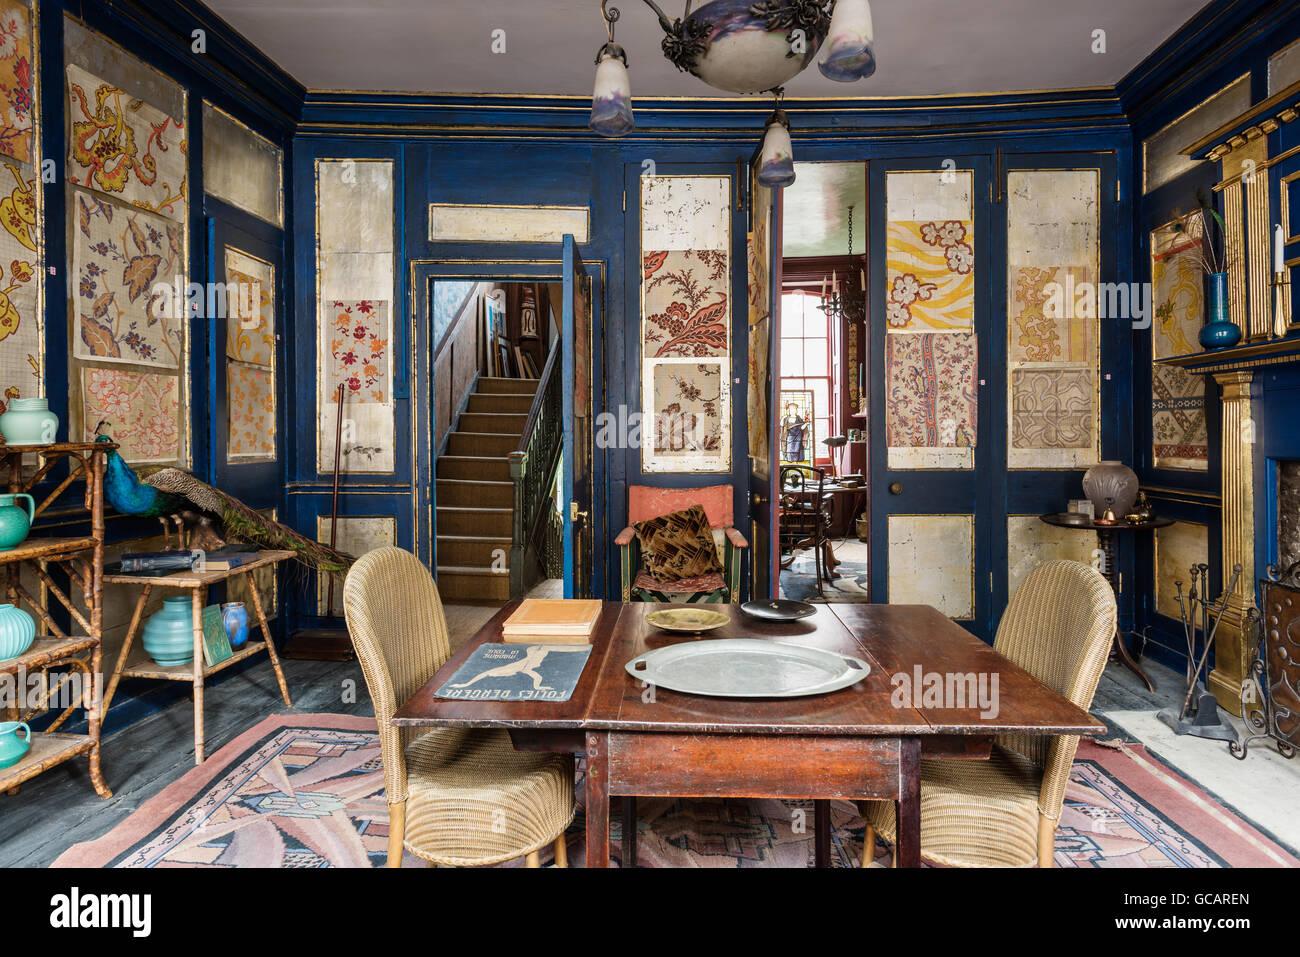 Rouen Seide Velours Muster auf Wandpaneele in Salon mit reichen blau ...